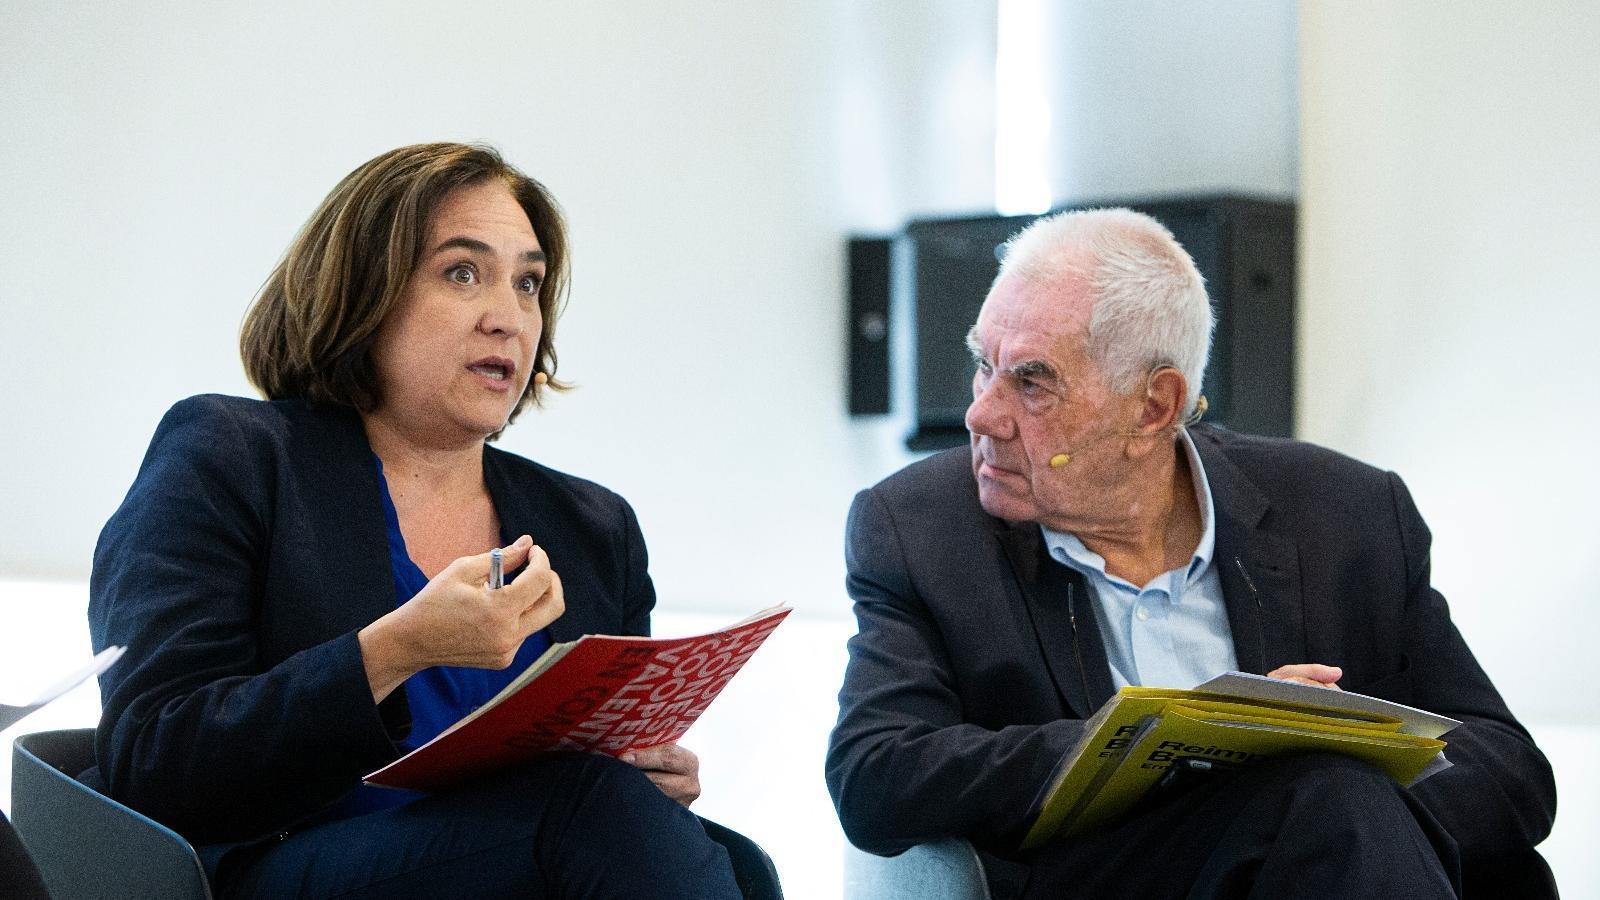 Ada Colau i Ernest Maragall en una imatge d'arxiu / CÈLIA ATSET